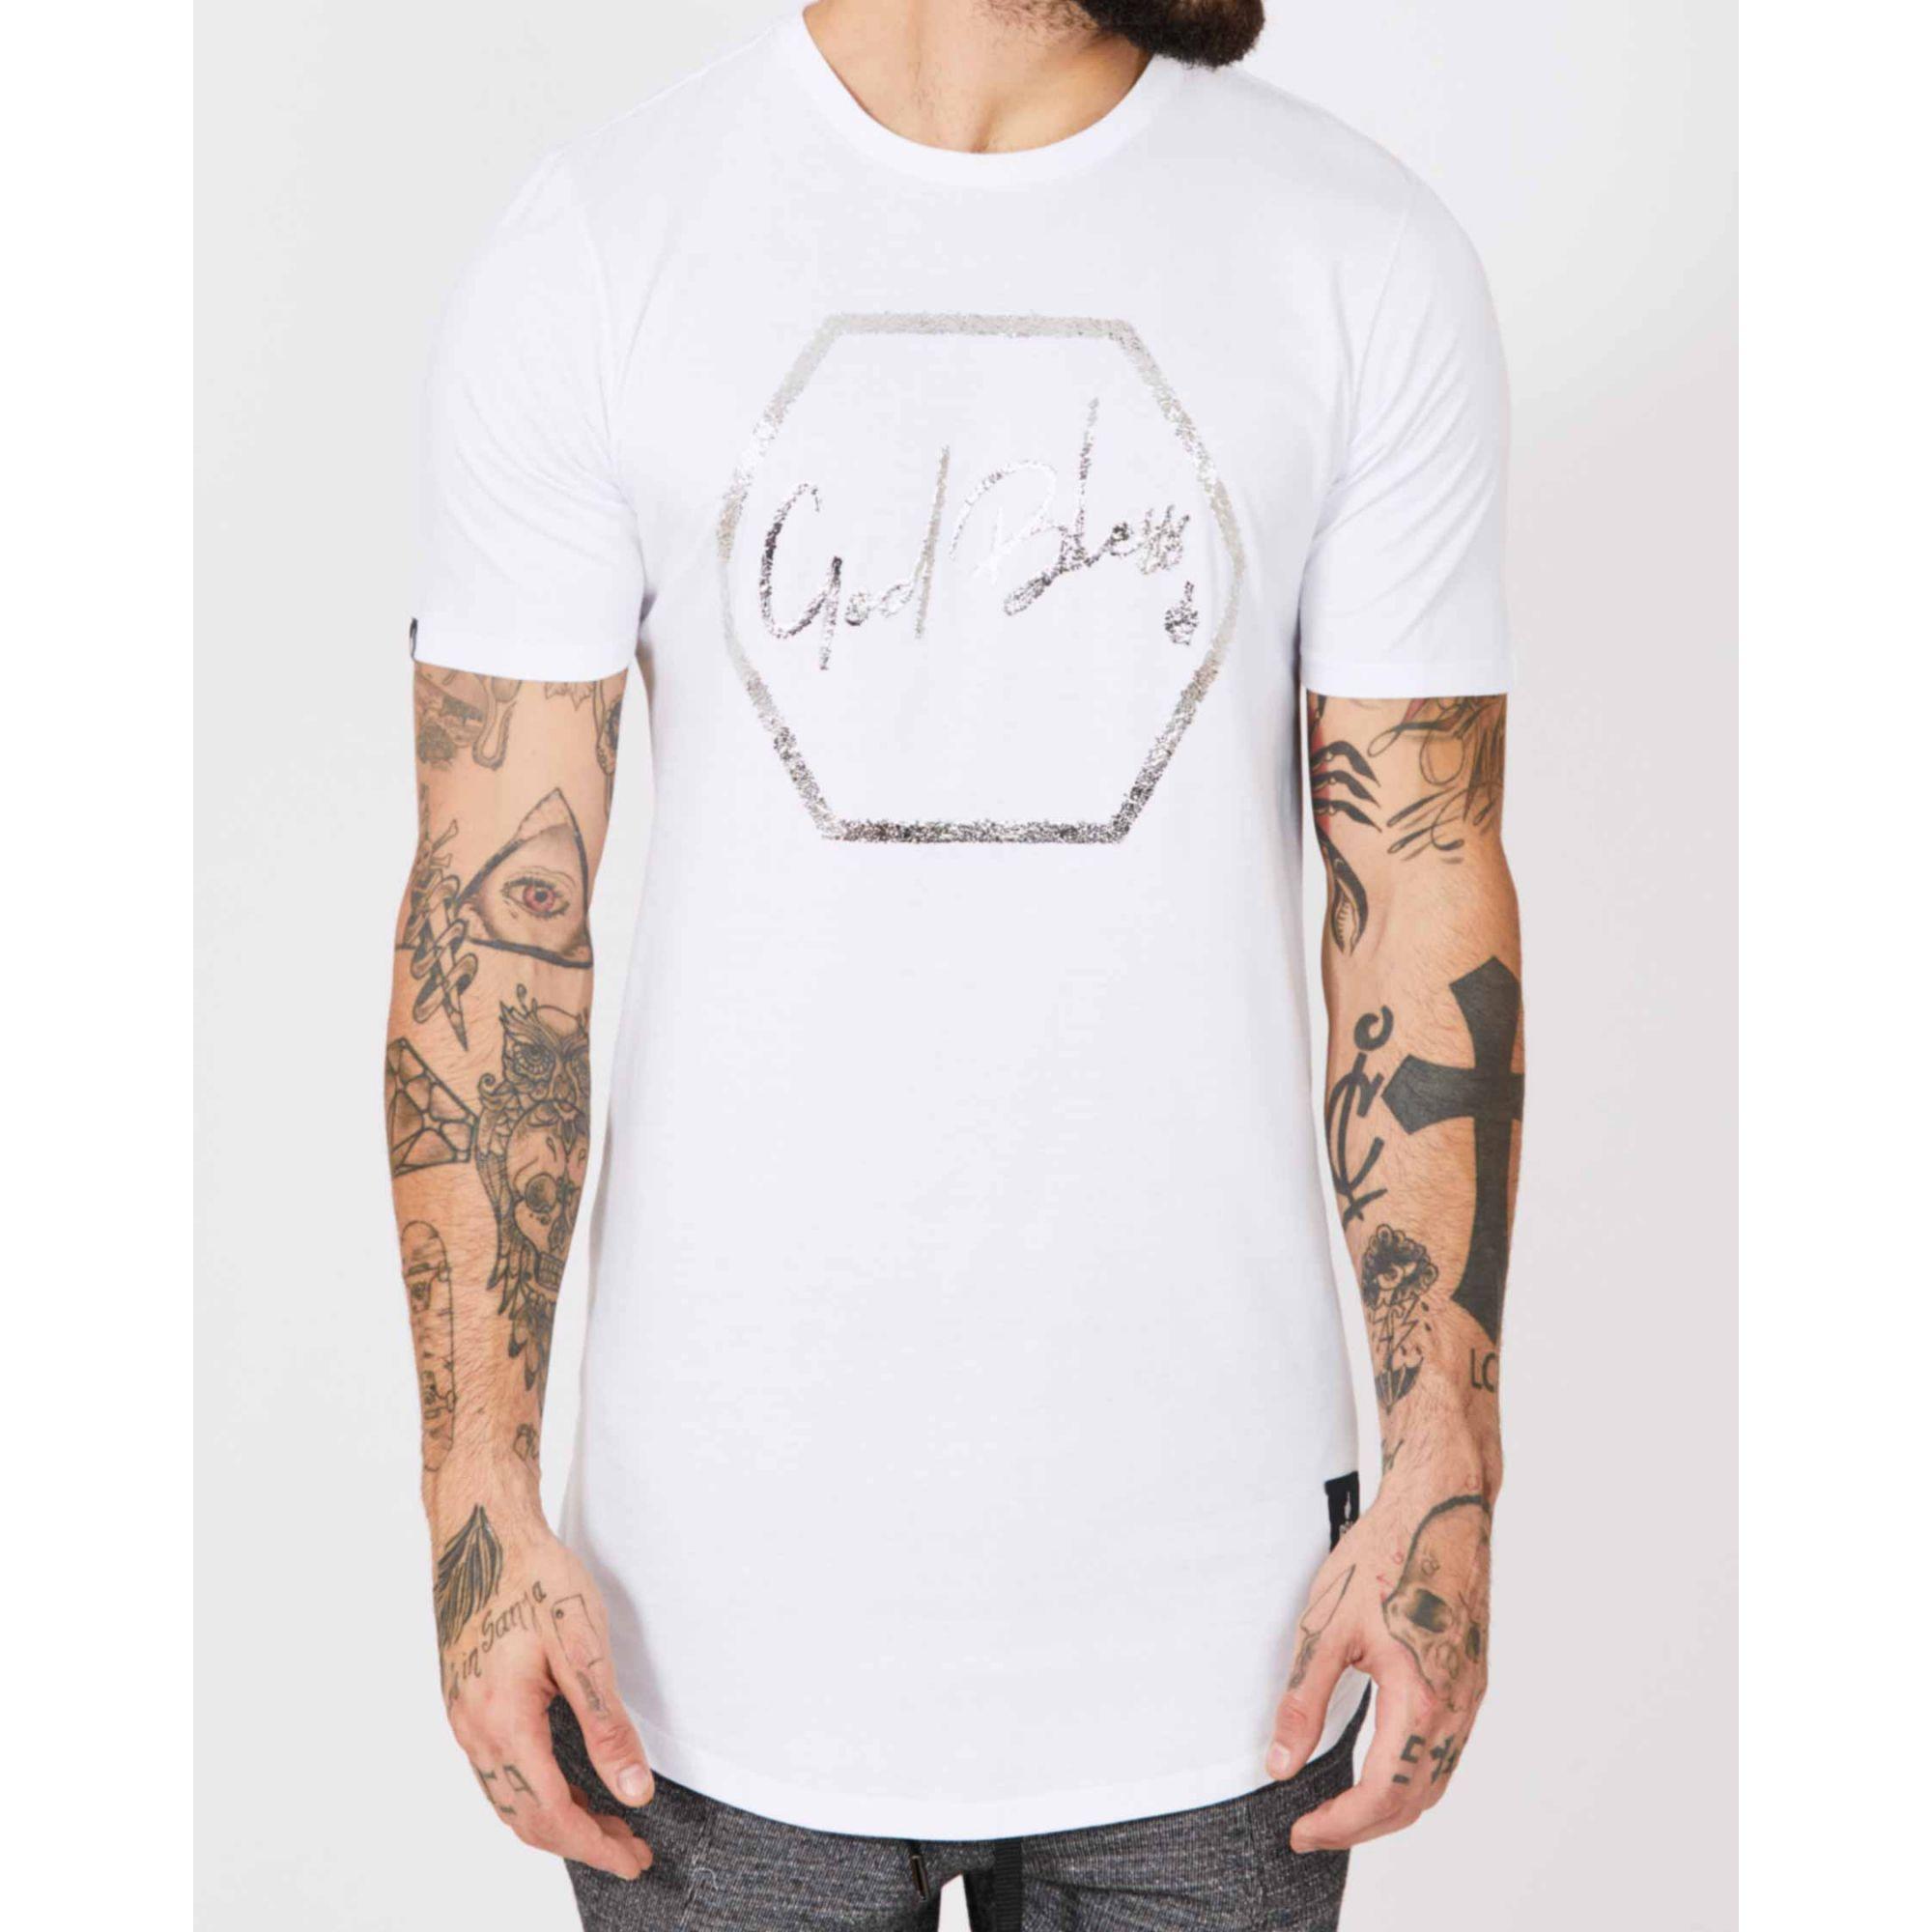 Camiseta Buh Micro Foil God Bless White